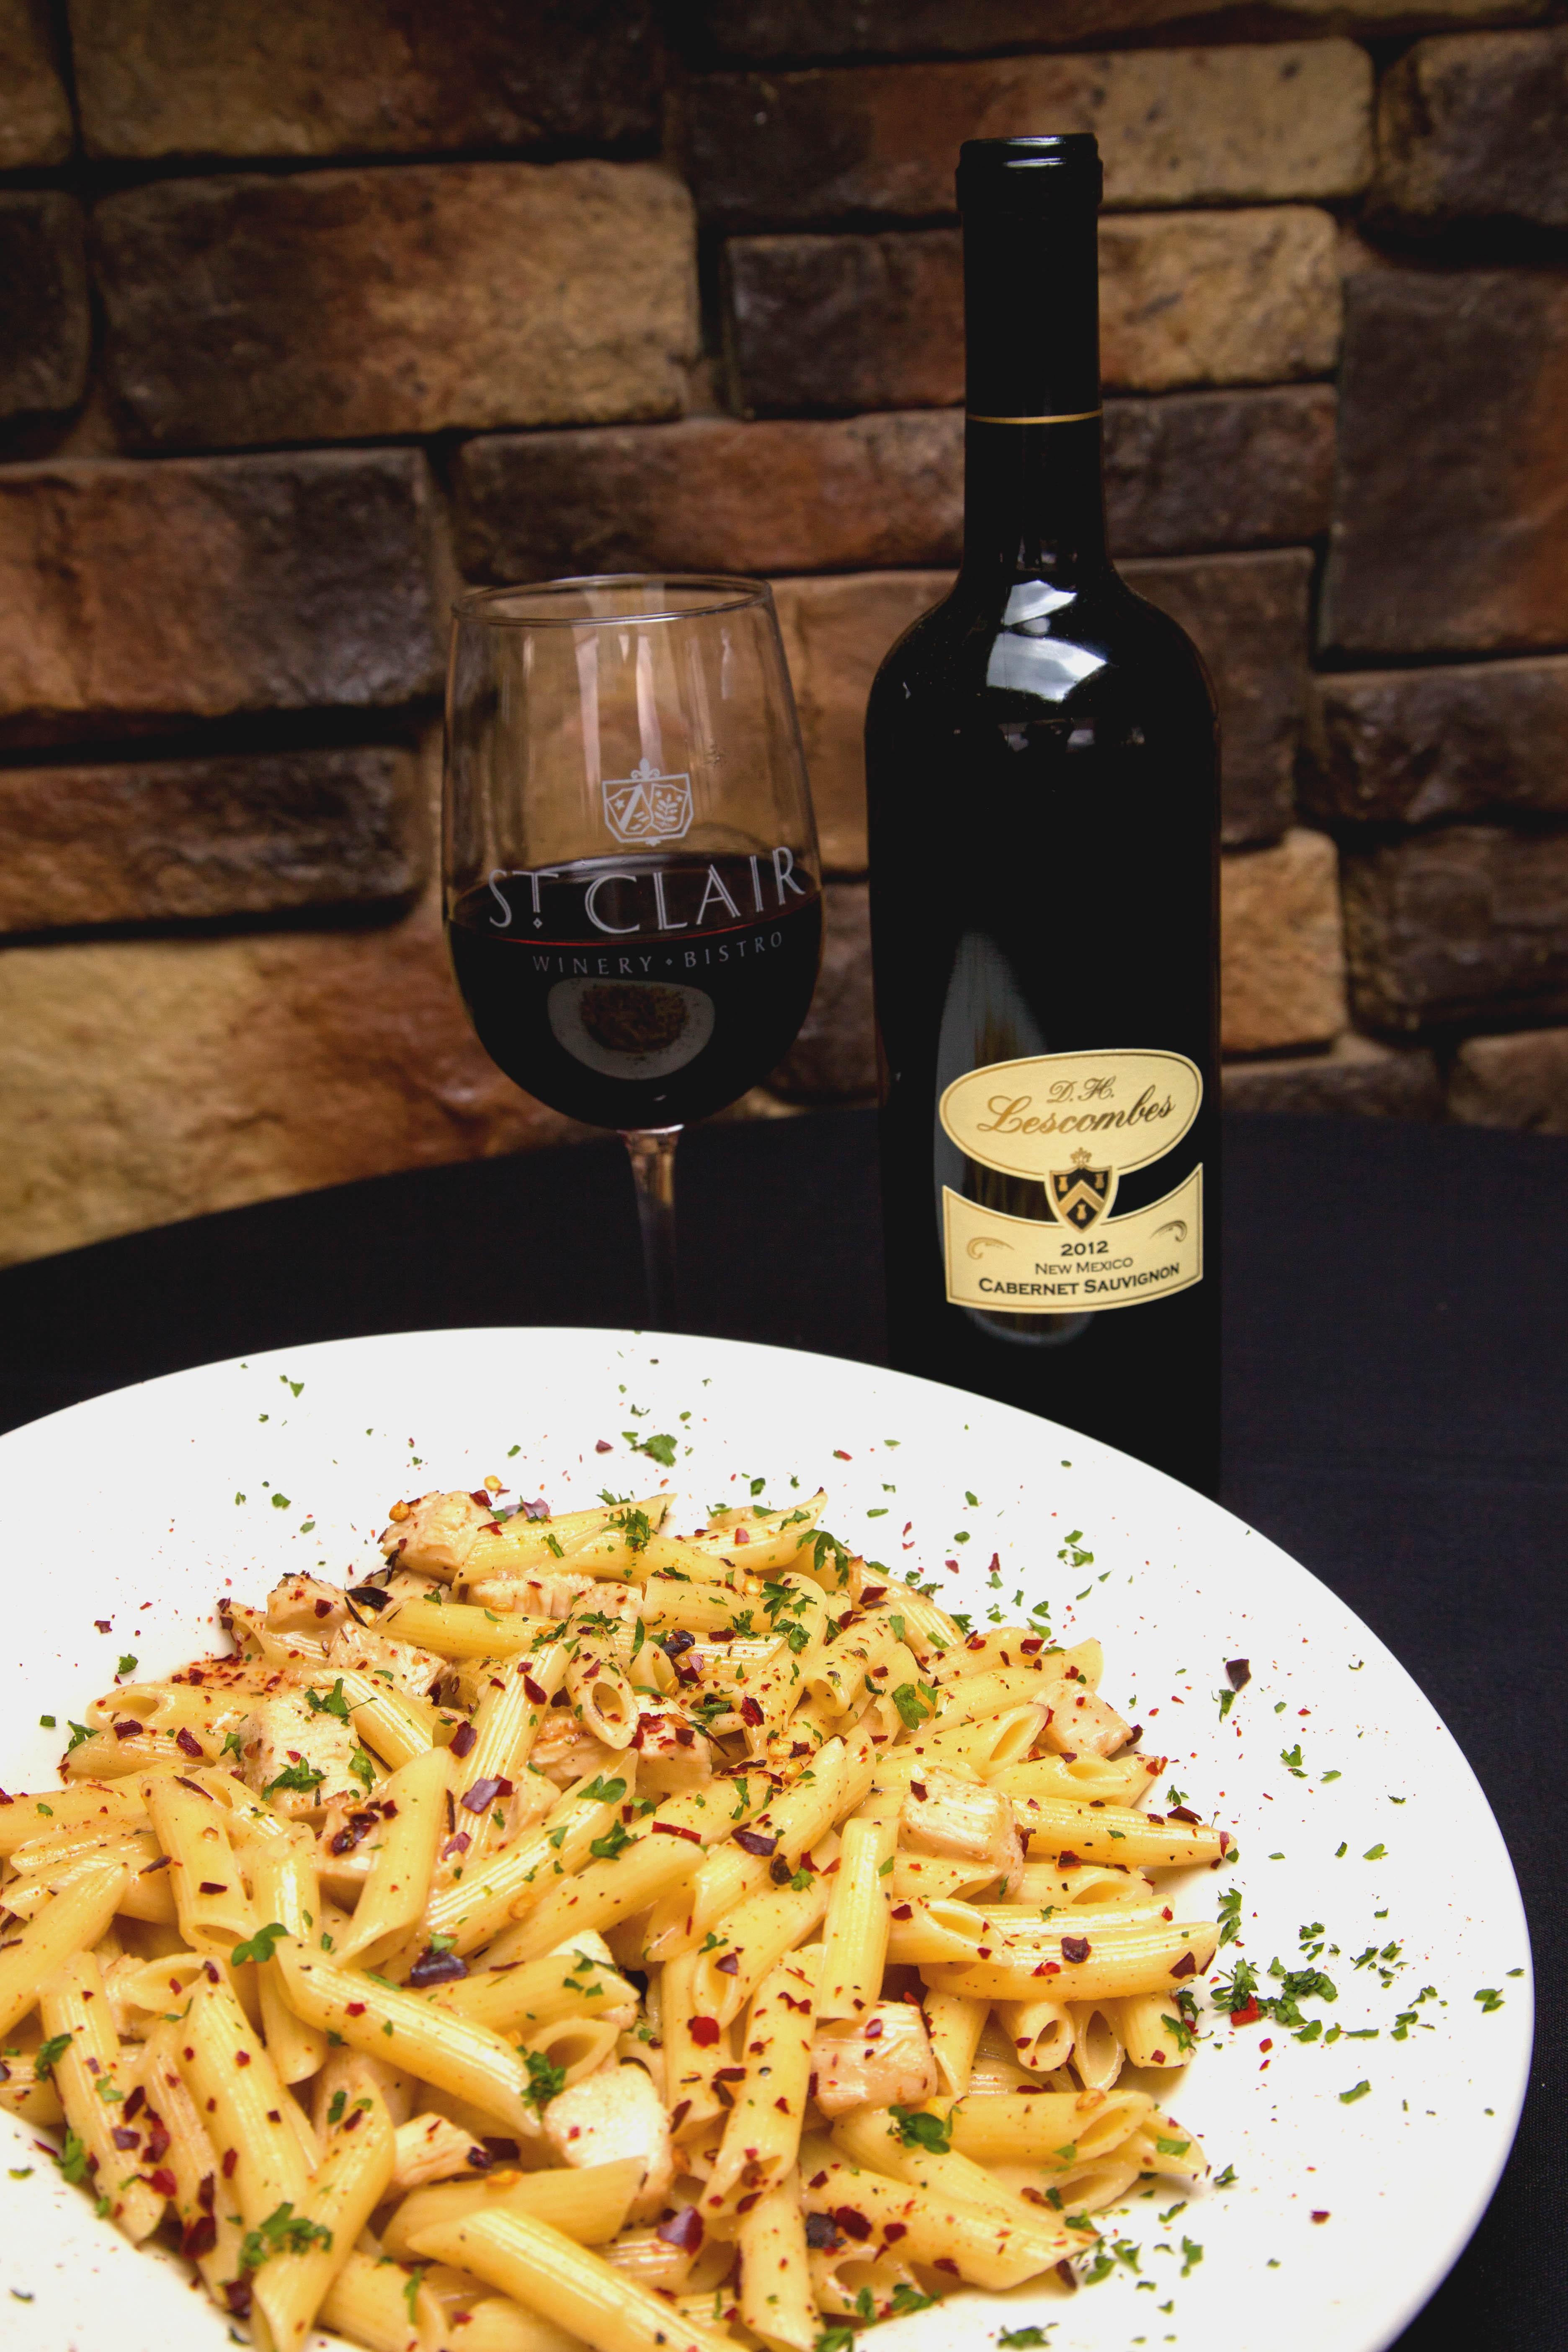 pasta danielle and cab sauv copy